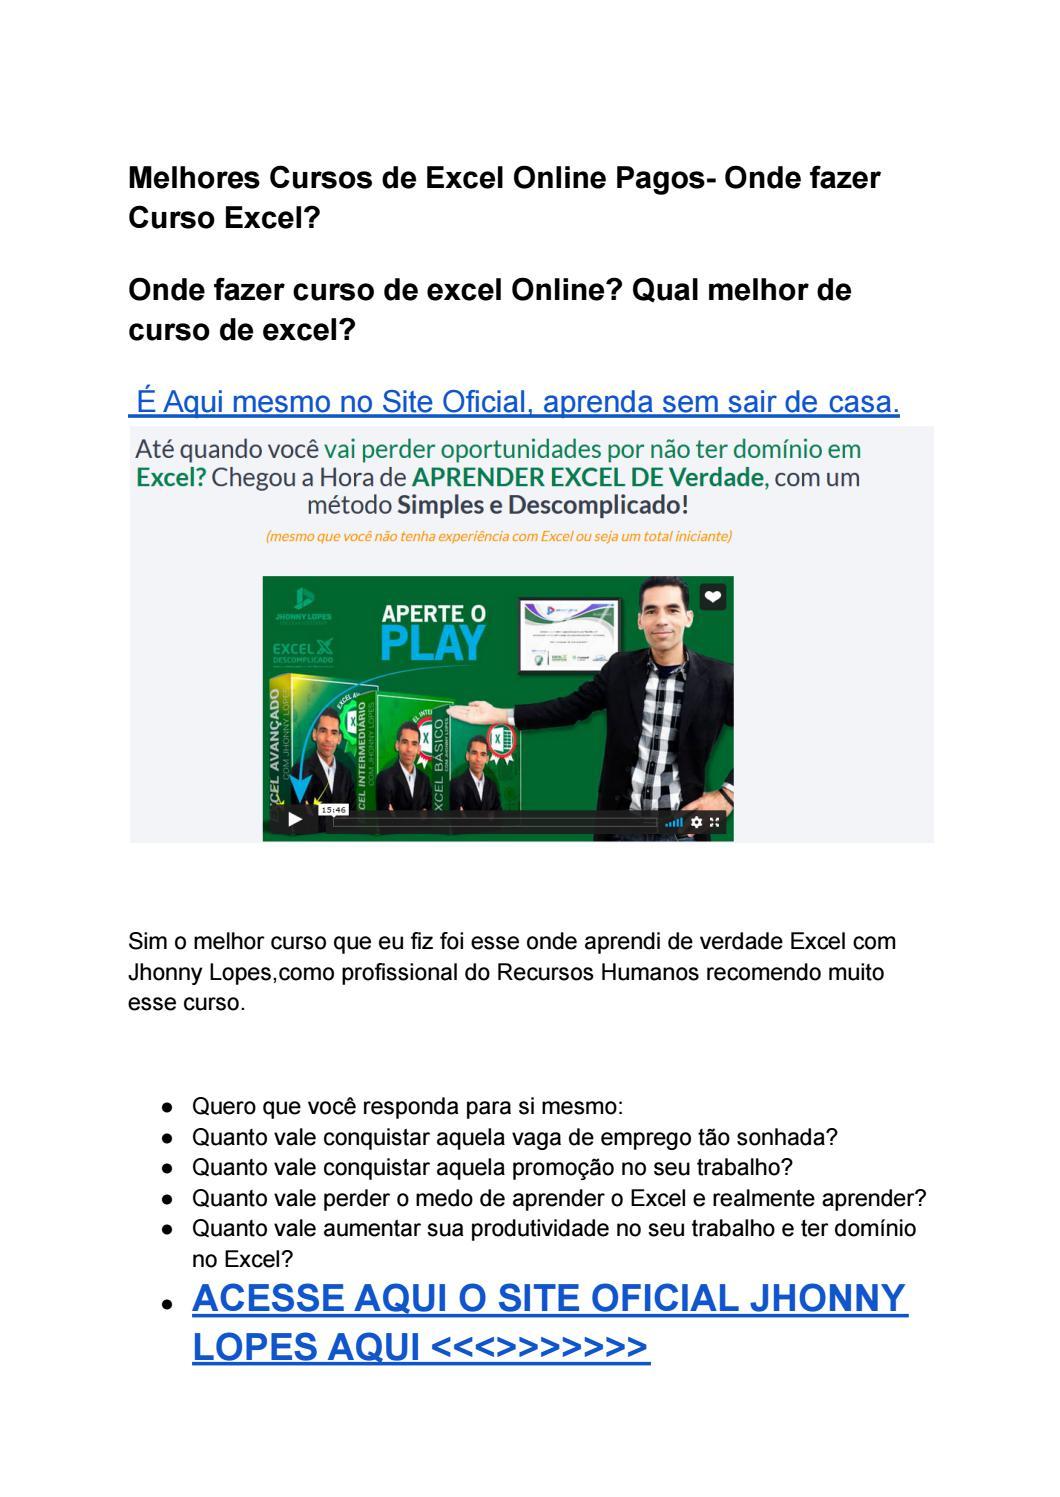 Melhores Cursos De Excel Online Pagos Onde Fazer Curso Excel By Dr Saude Issuu